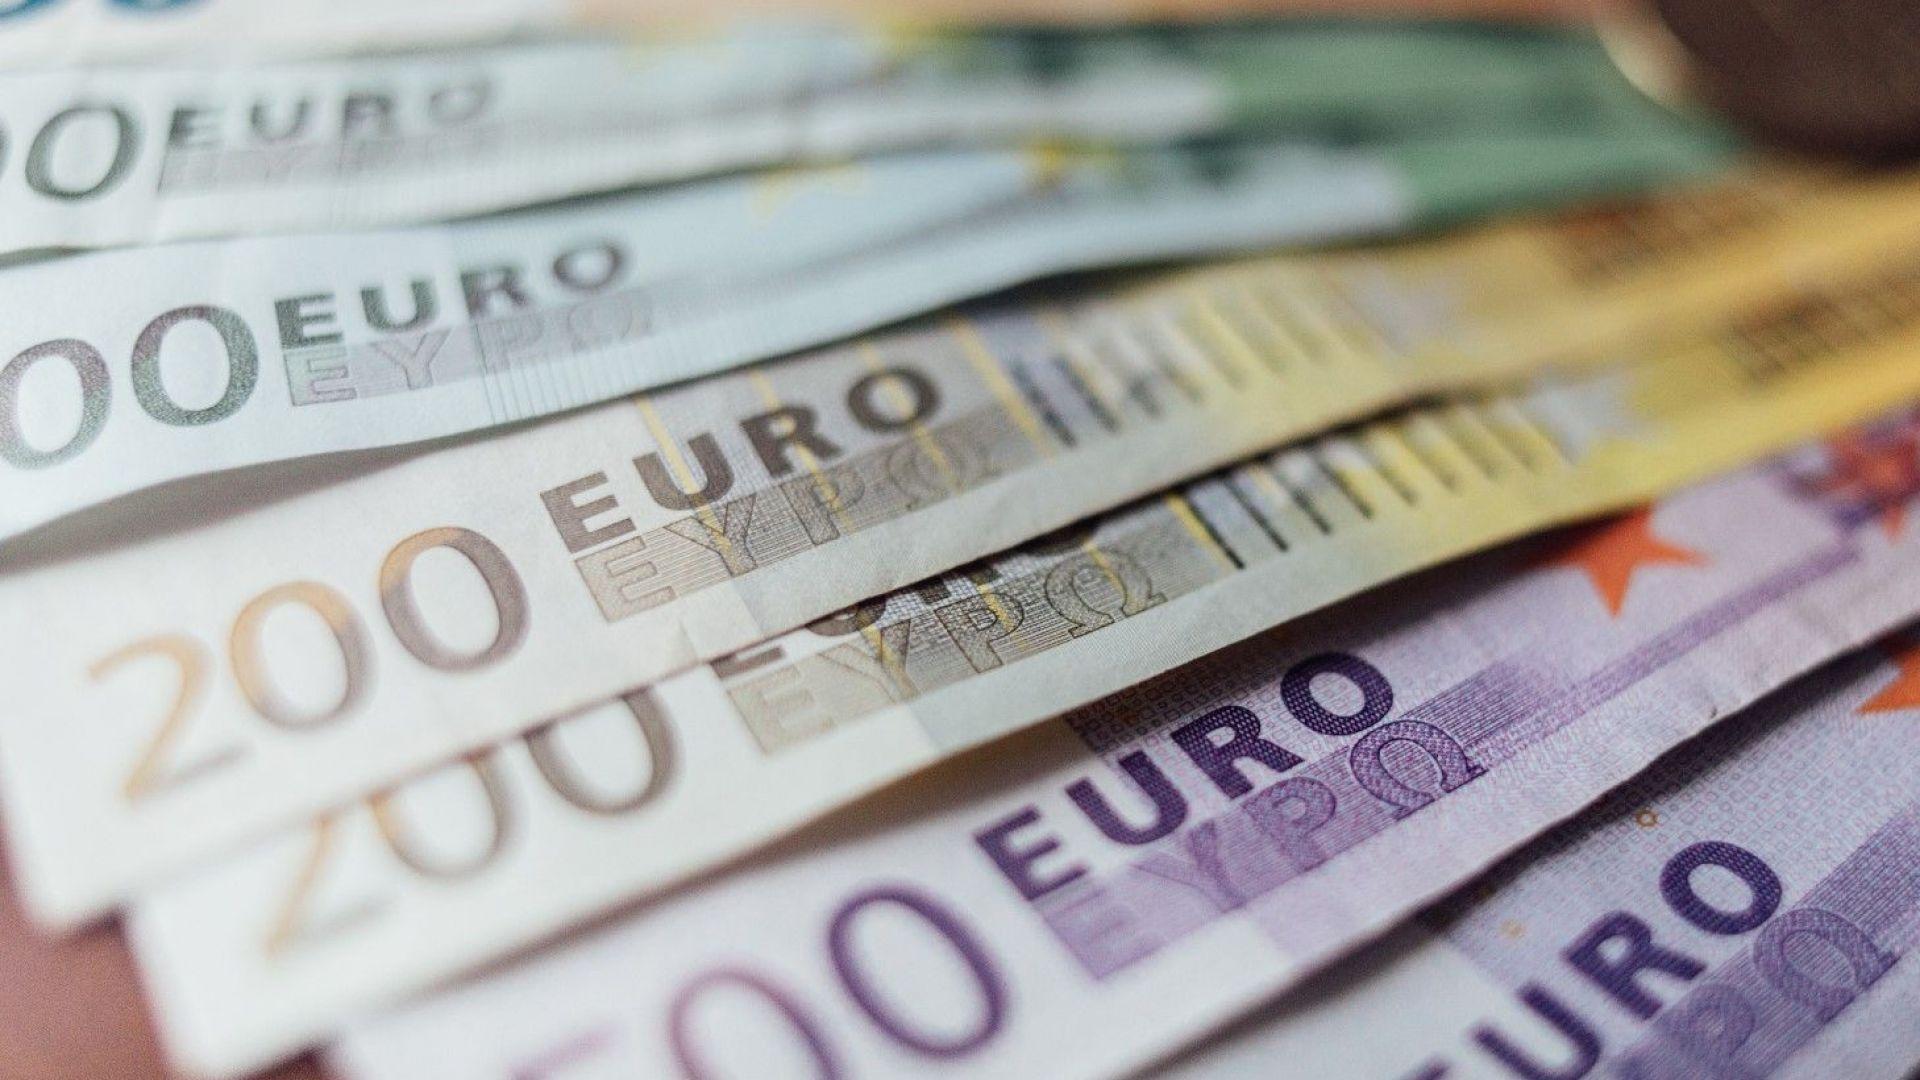 Връщат на гръцки пенсионер 11 000 евро, според съда са му удържани незаконно